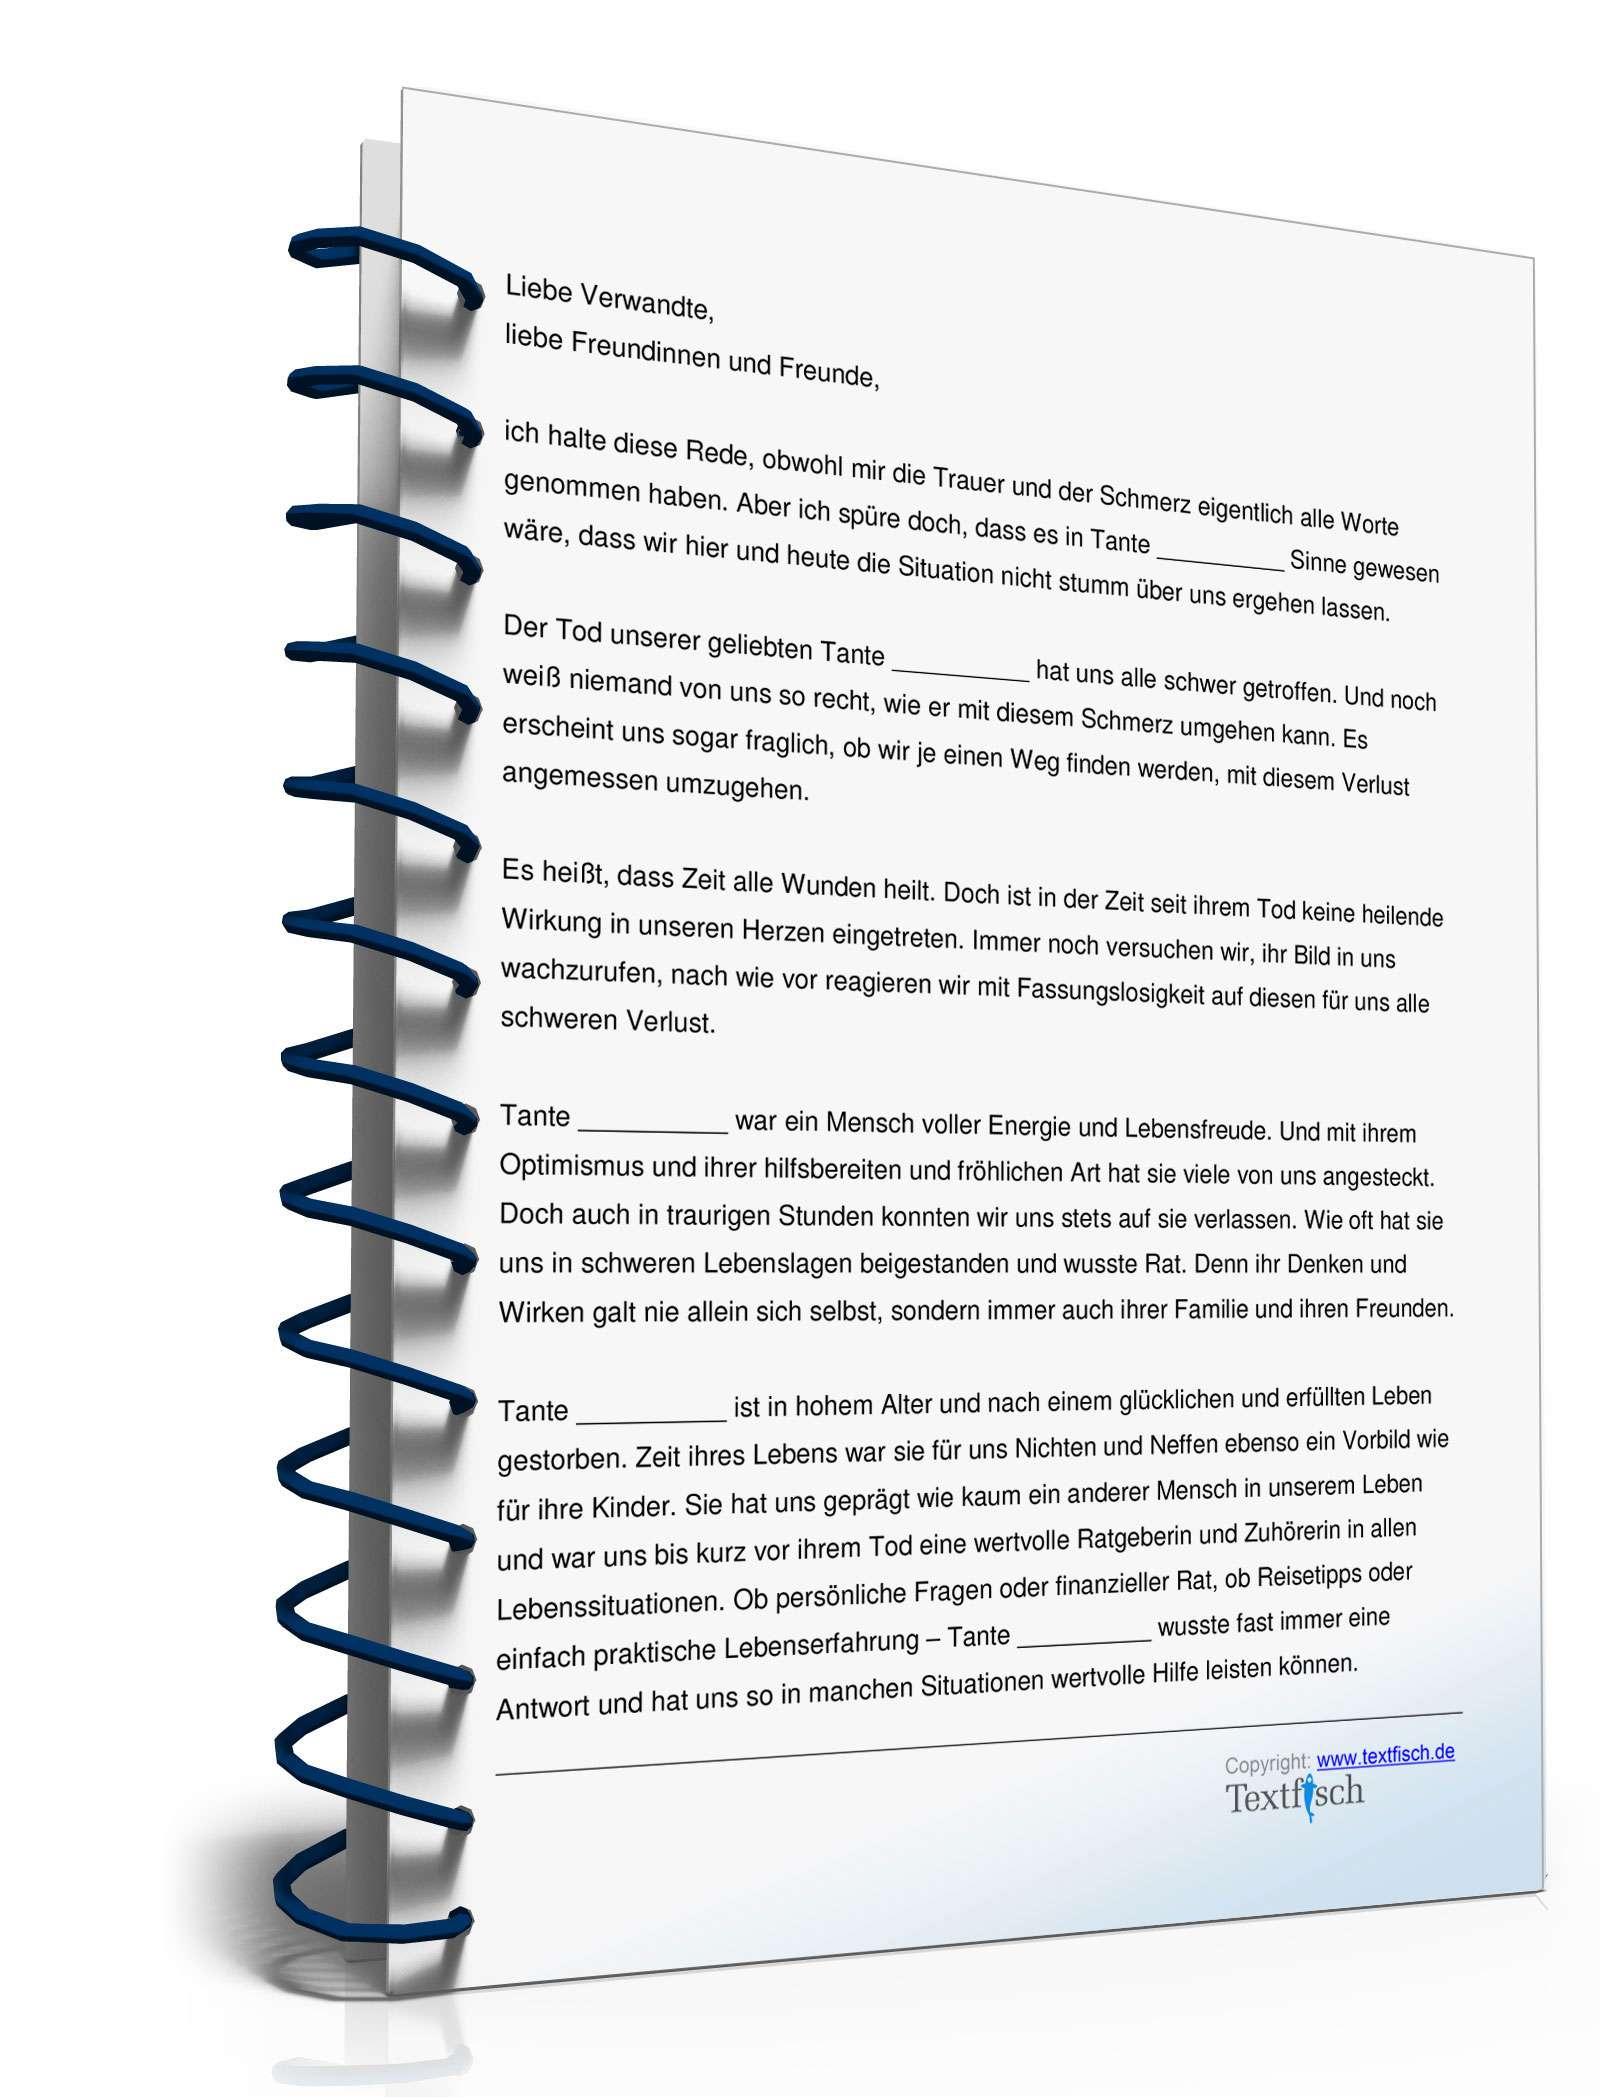 Ich liebe wörter pdf